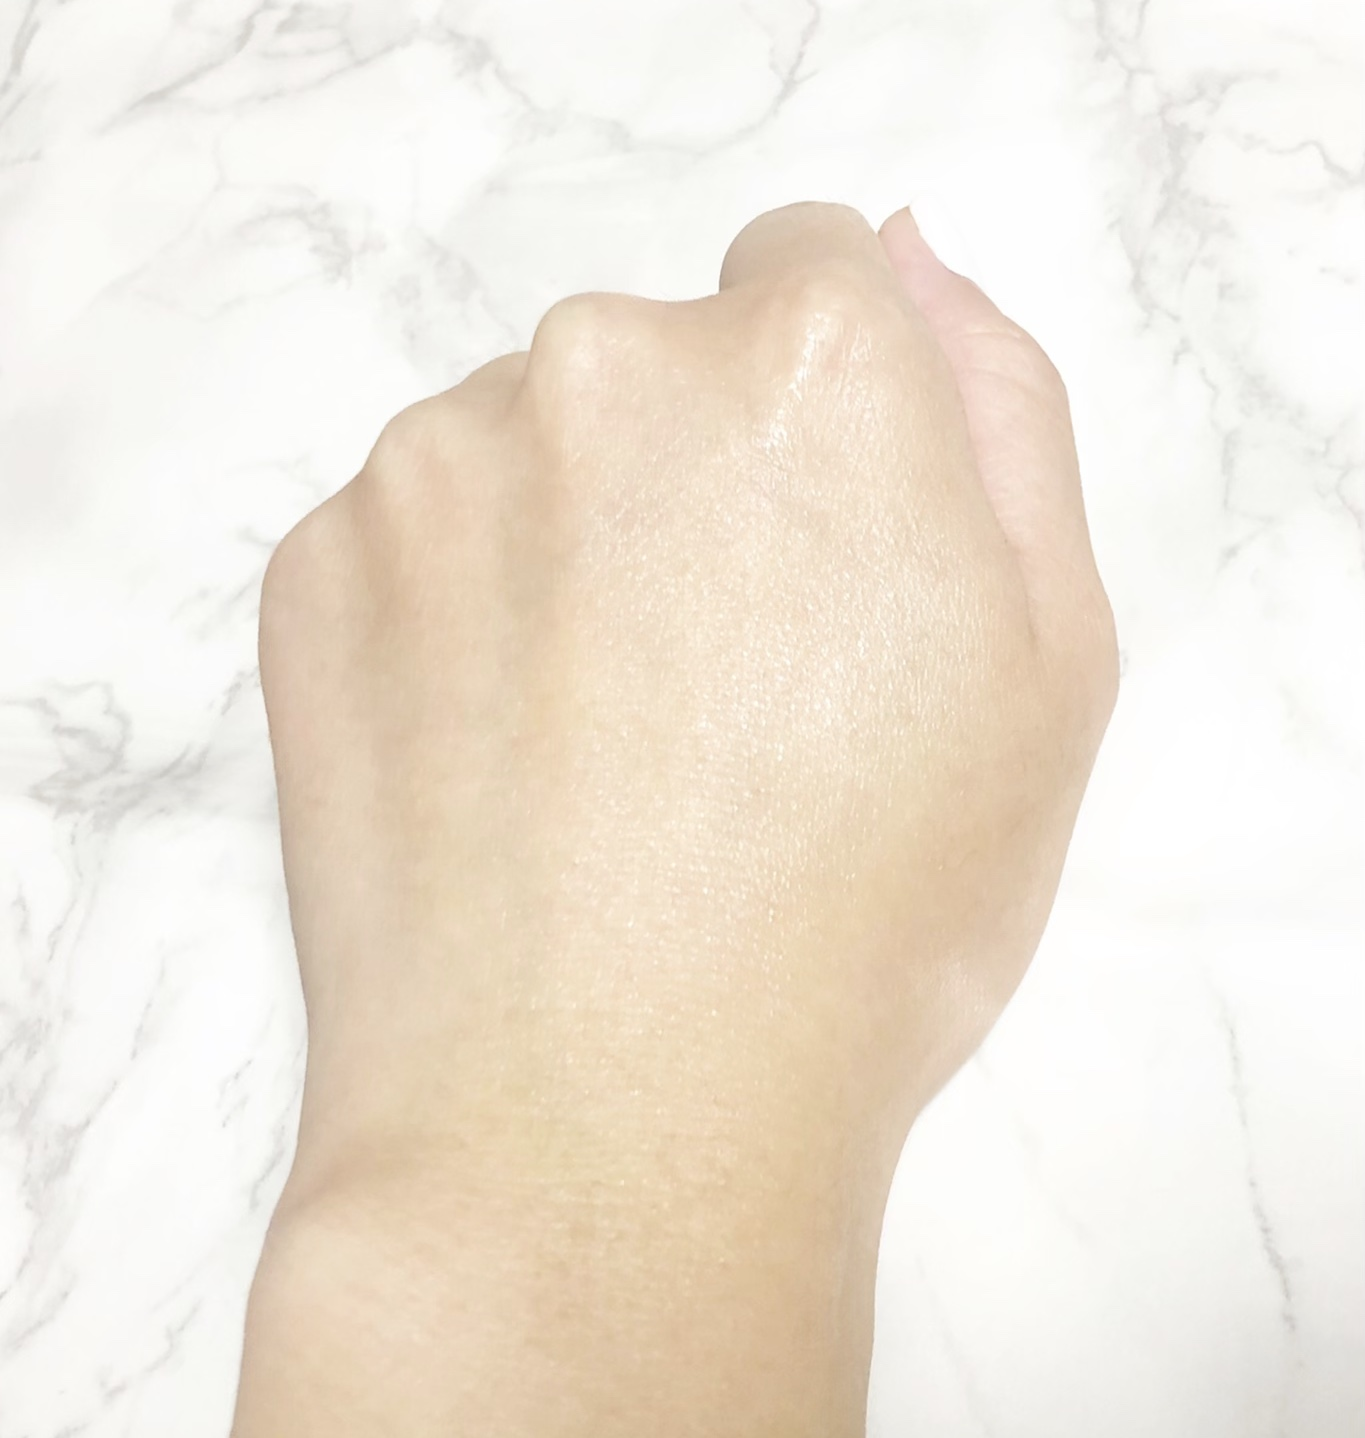 【世界初の化粧水】コスパ最強!おうちで毎日エステ気分♡極潤プレミアムヒアルロン液が凄い!_3